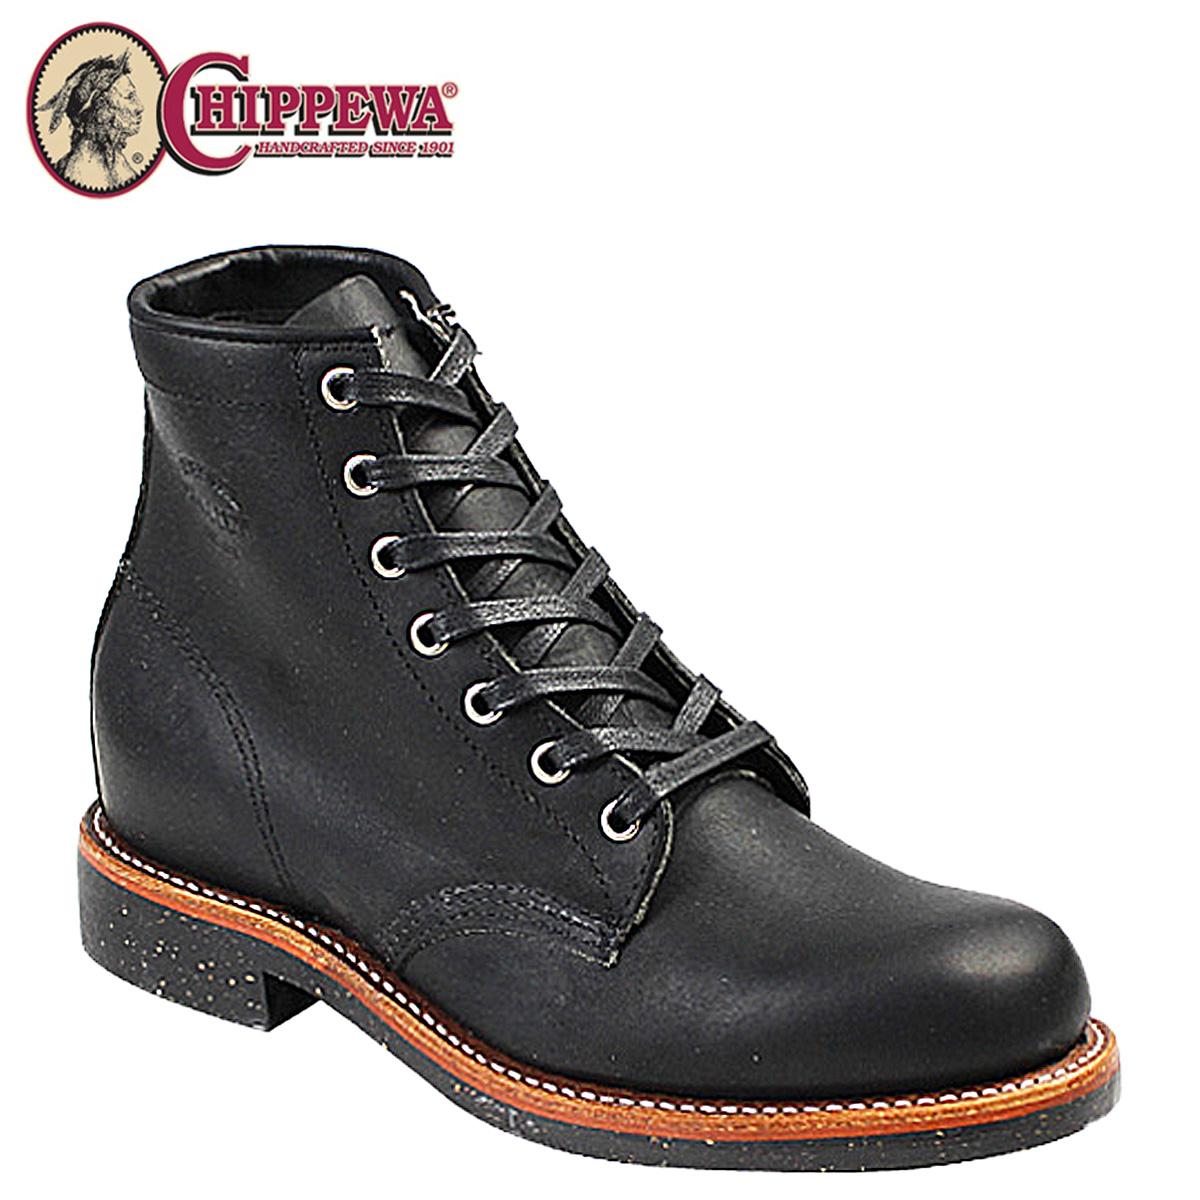 チペワ CHIPPEWA ブーツ 6インチ 6INCH SERVICE BOOT サービス ブーツ 1901M24 Dワイズ ブラック メンズ